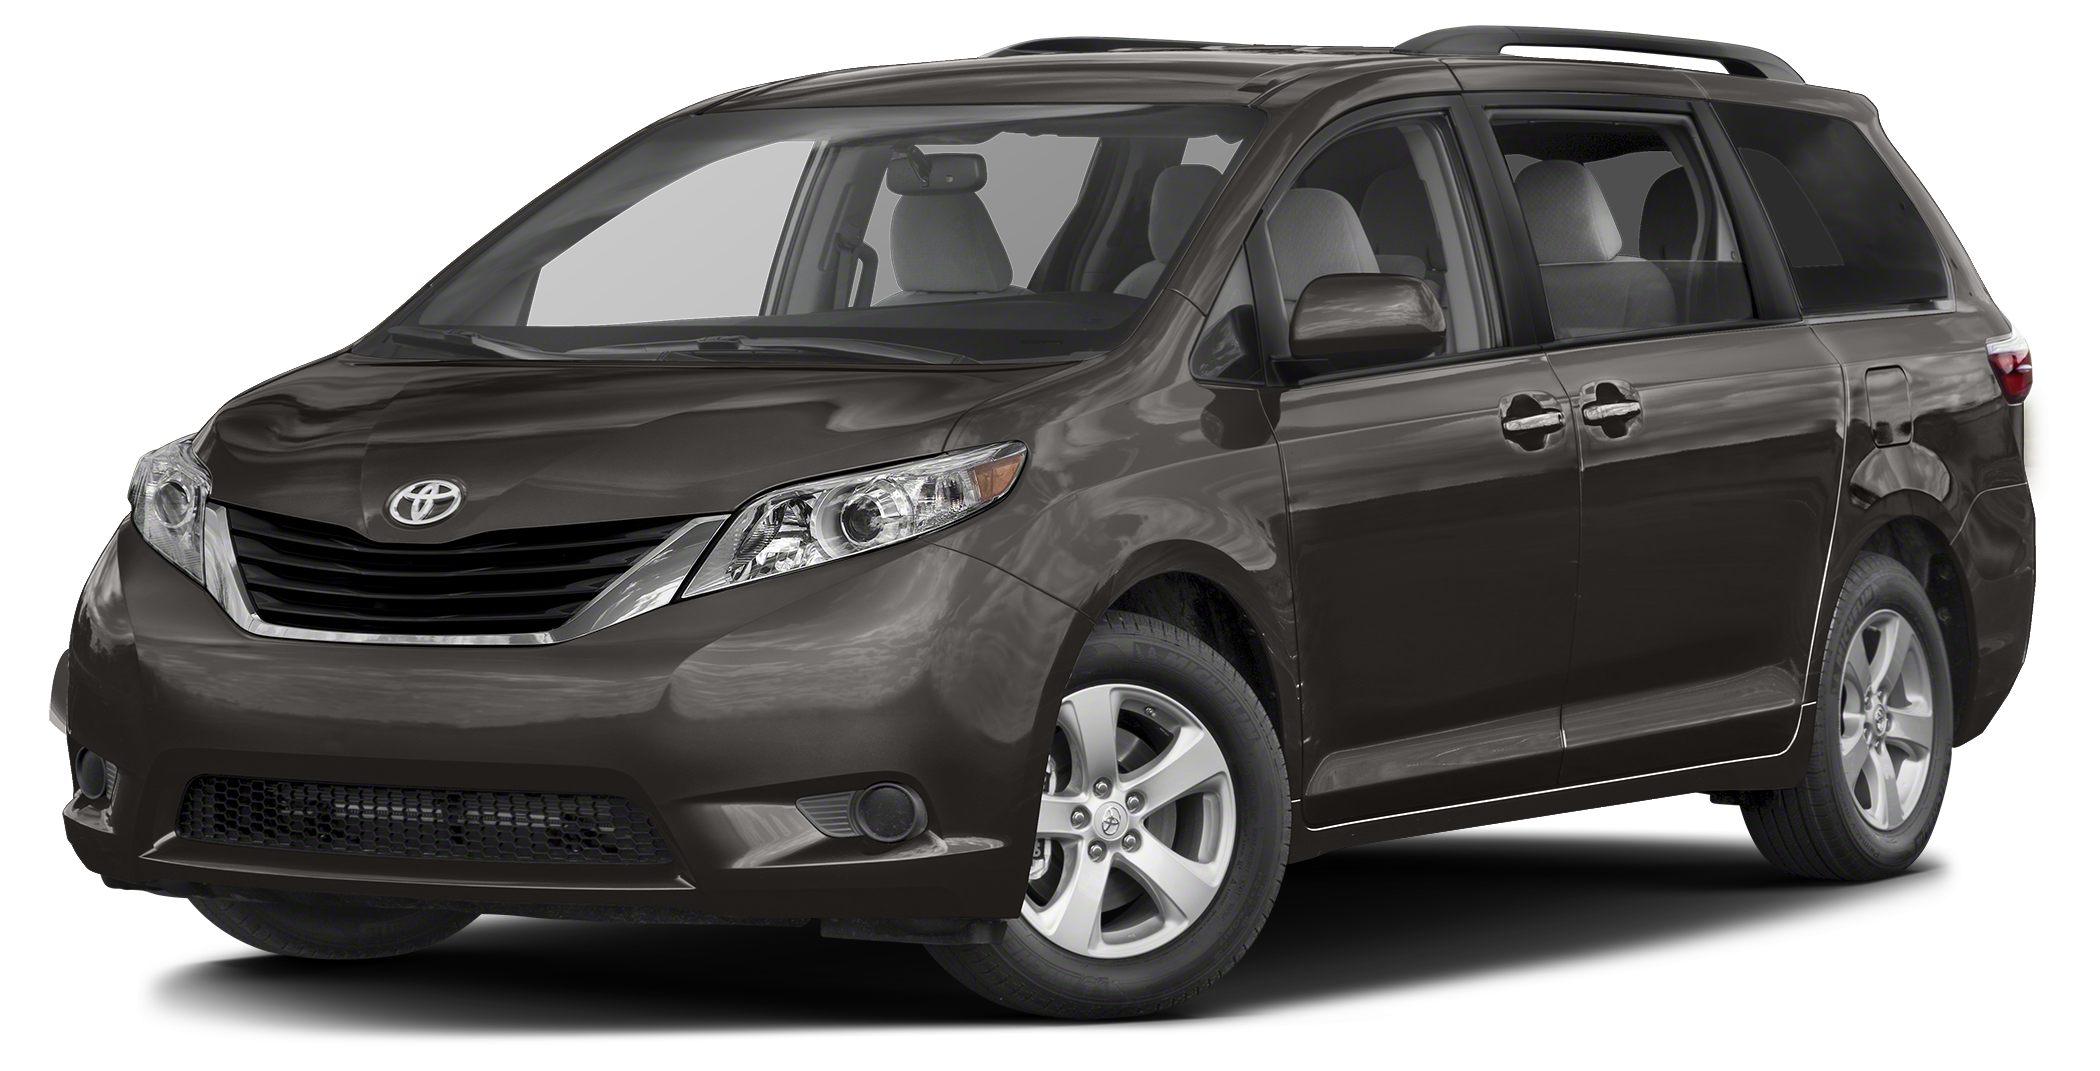 Honda Odyssey Vs Toyota Sienna 2017 >> Chrysler Pacifica LX vs Honda Odyssey EX vs Toyota Sienna LE 8 Passenger